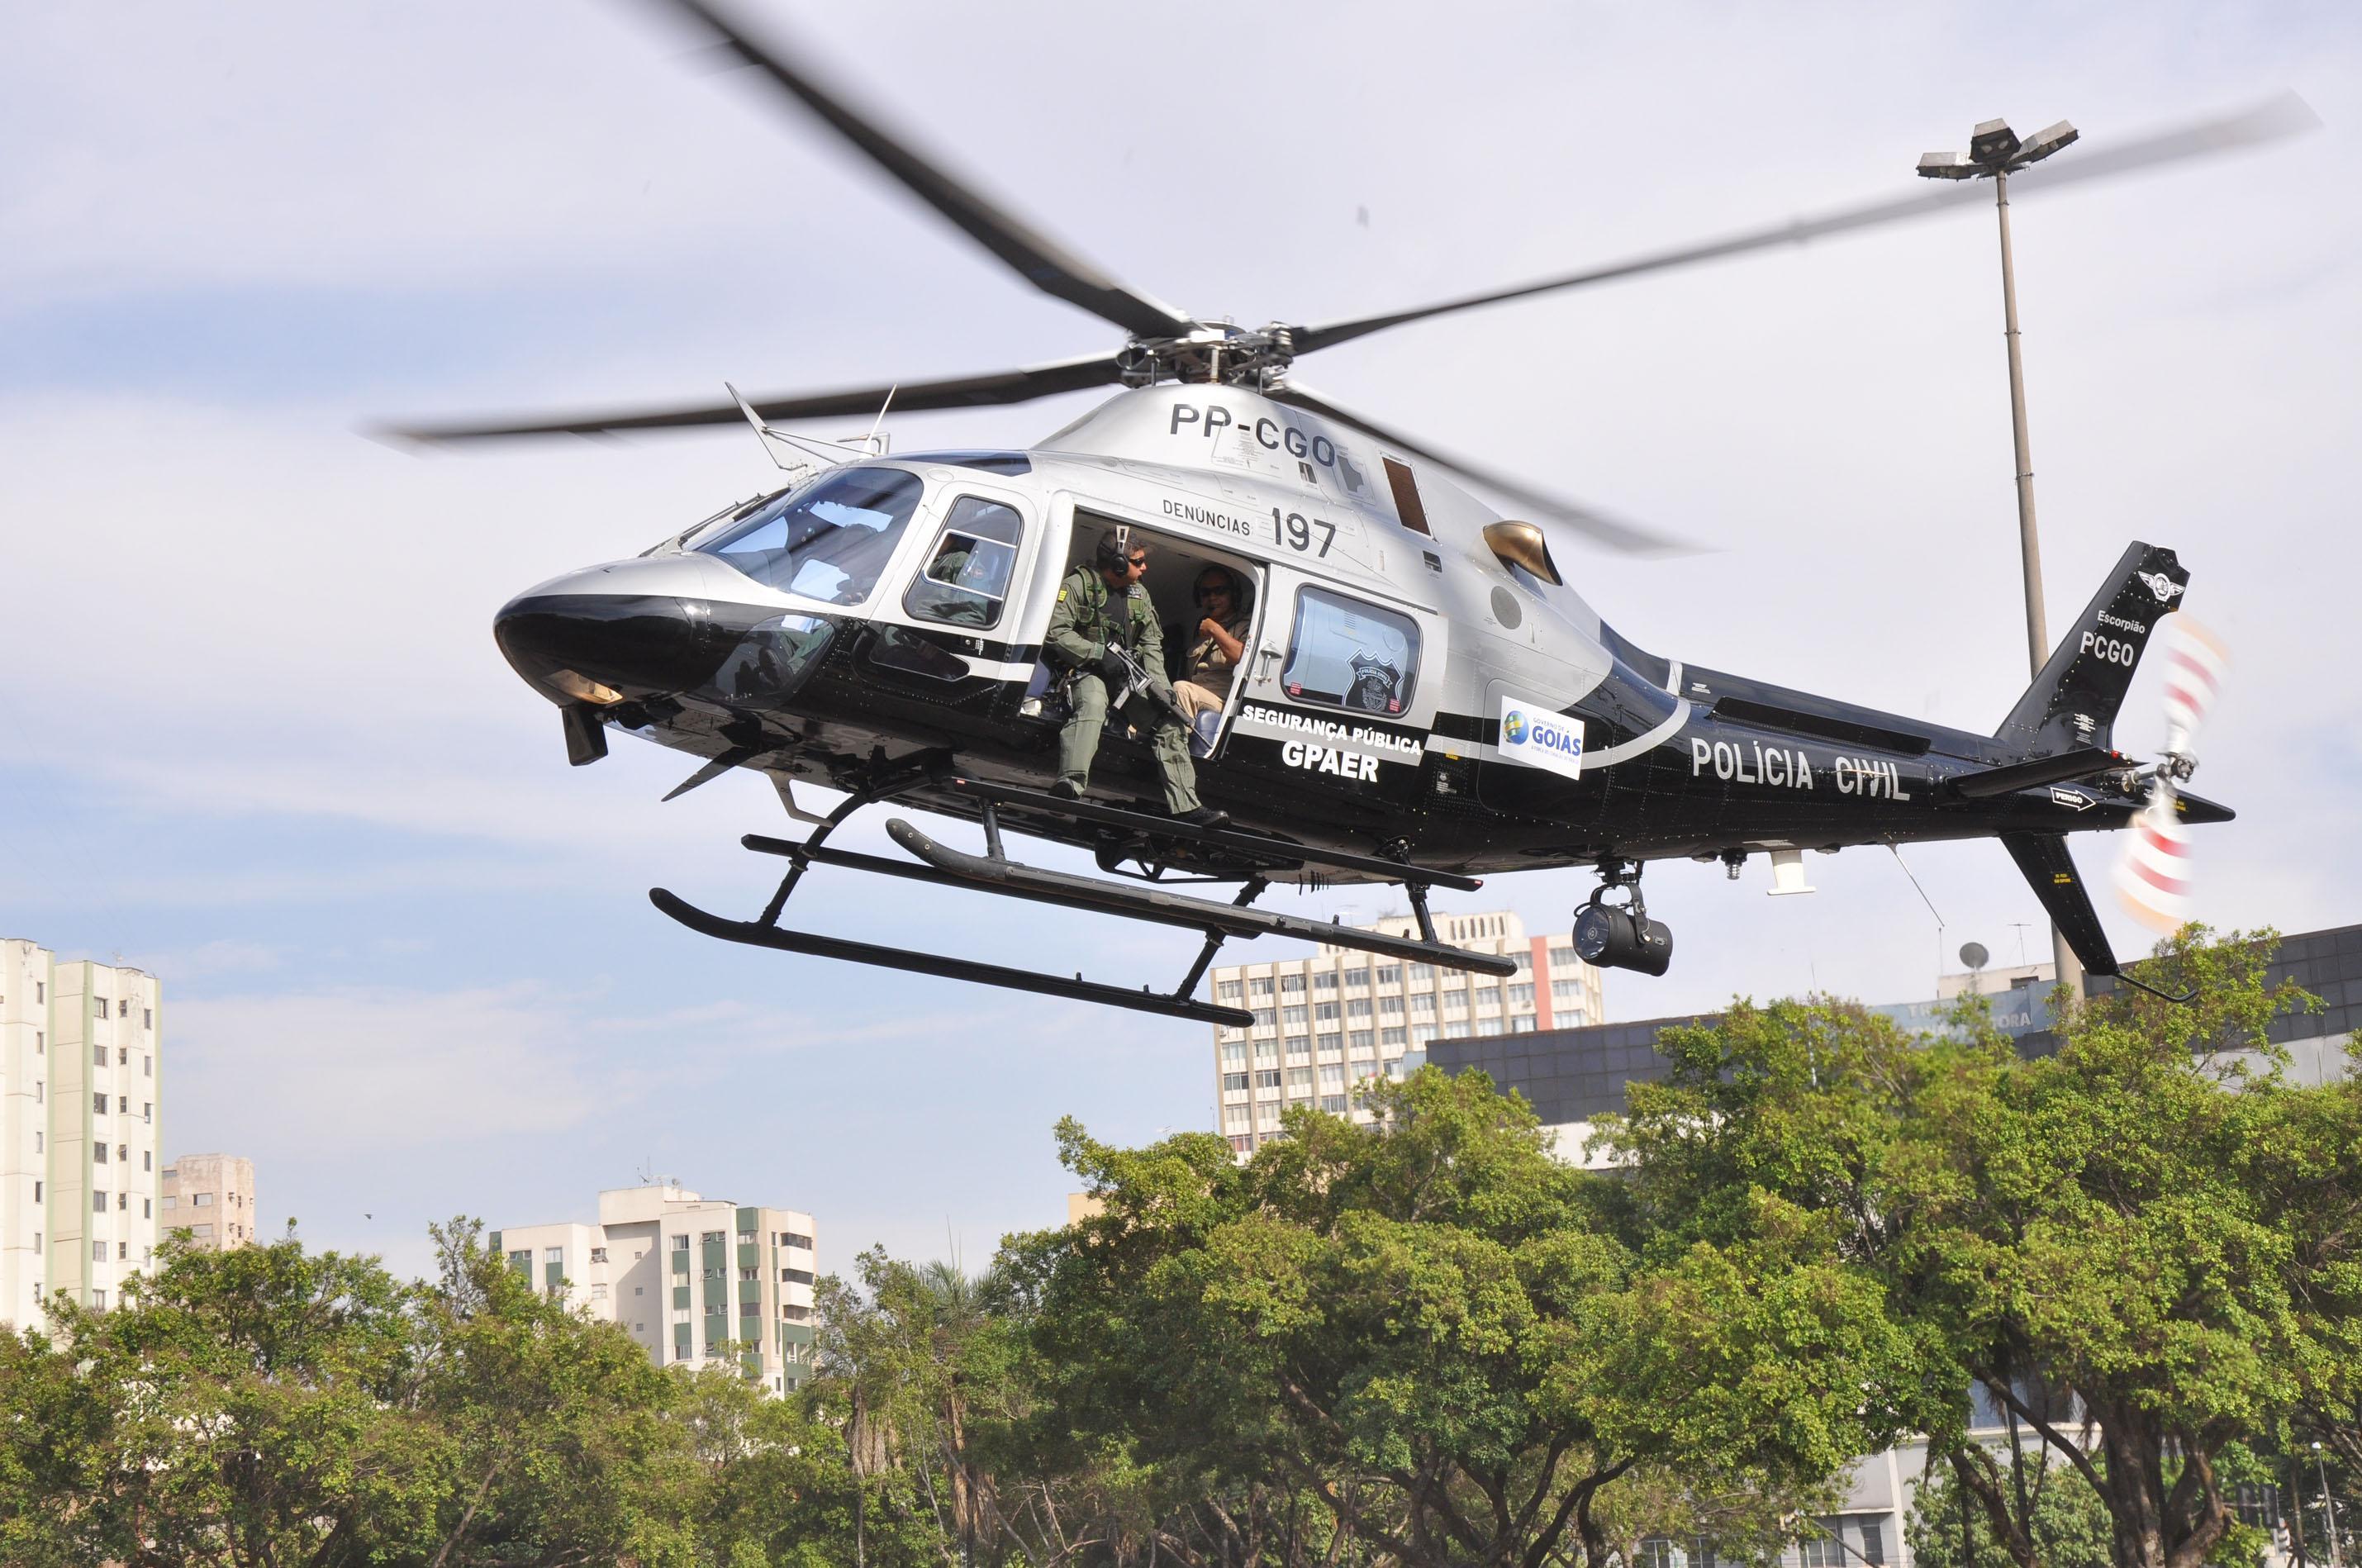 Helicóptero da Polícia Civil do Estado de Goiás caiu em 8 de maio de 2012 no município de Piranhas, região sudoeste de Goiás | Foto: Reprodução